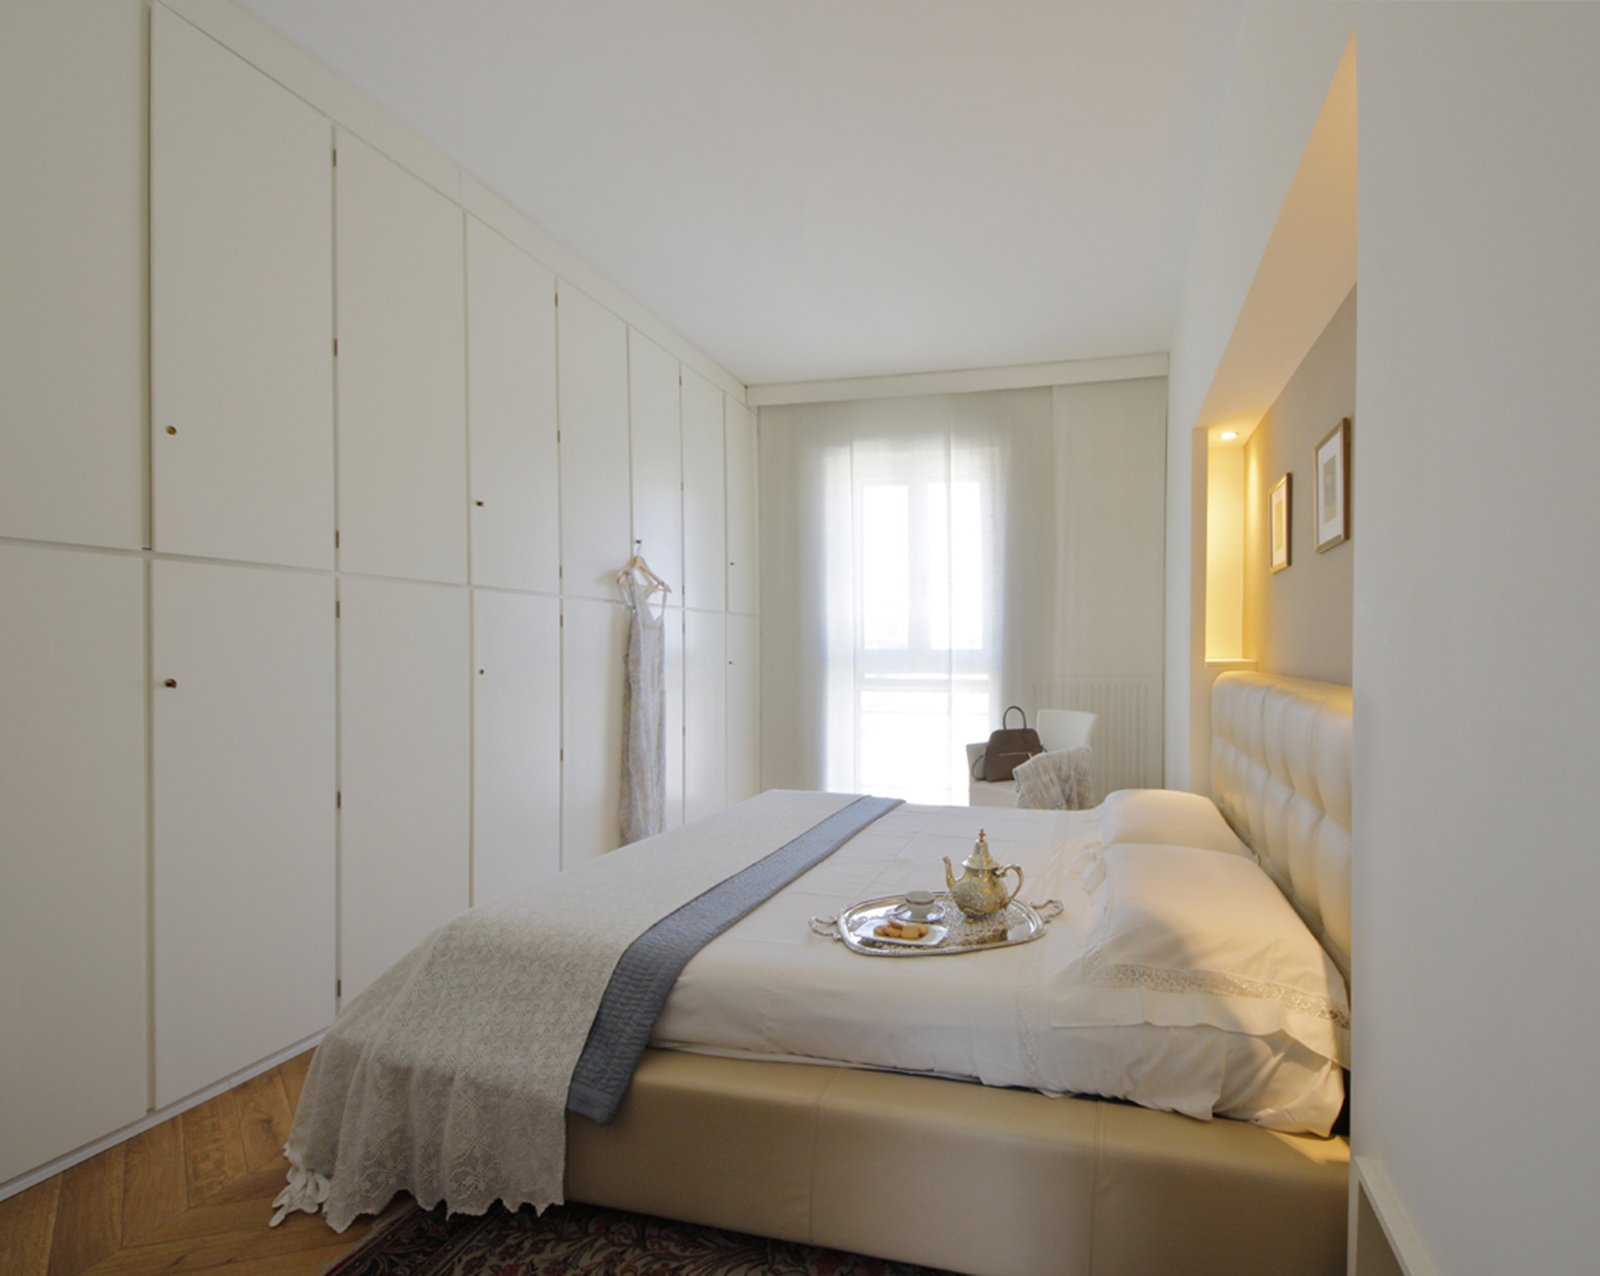 130 mq soggiorno doppio e cucina separata per la casa con - Camera da letto piccola consigli su distribuzione ...